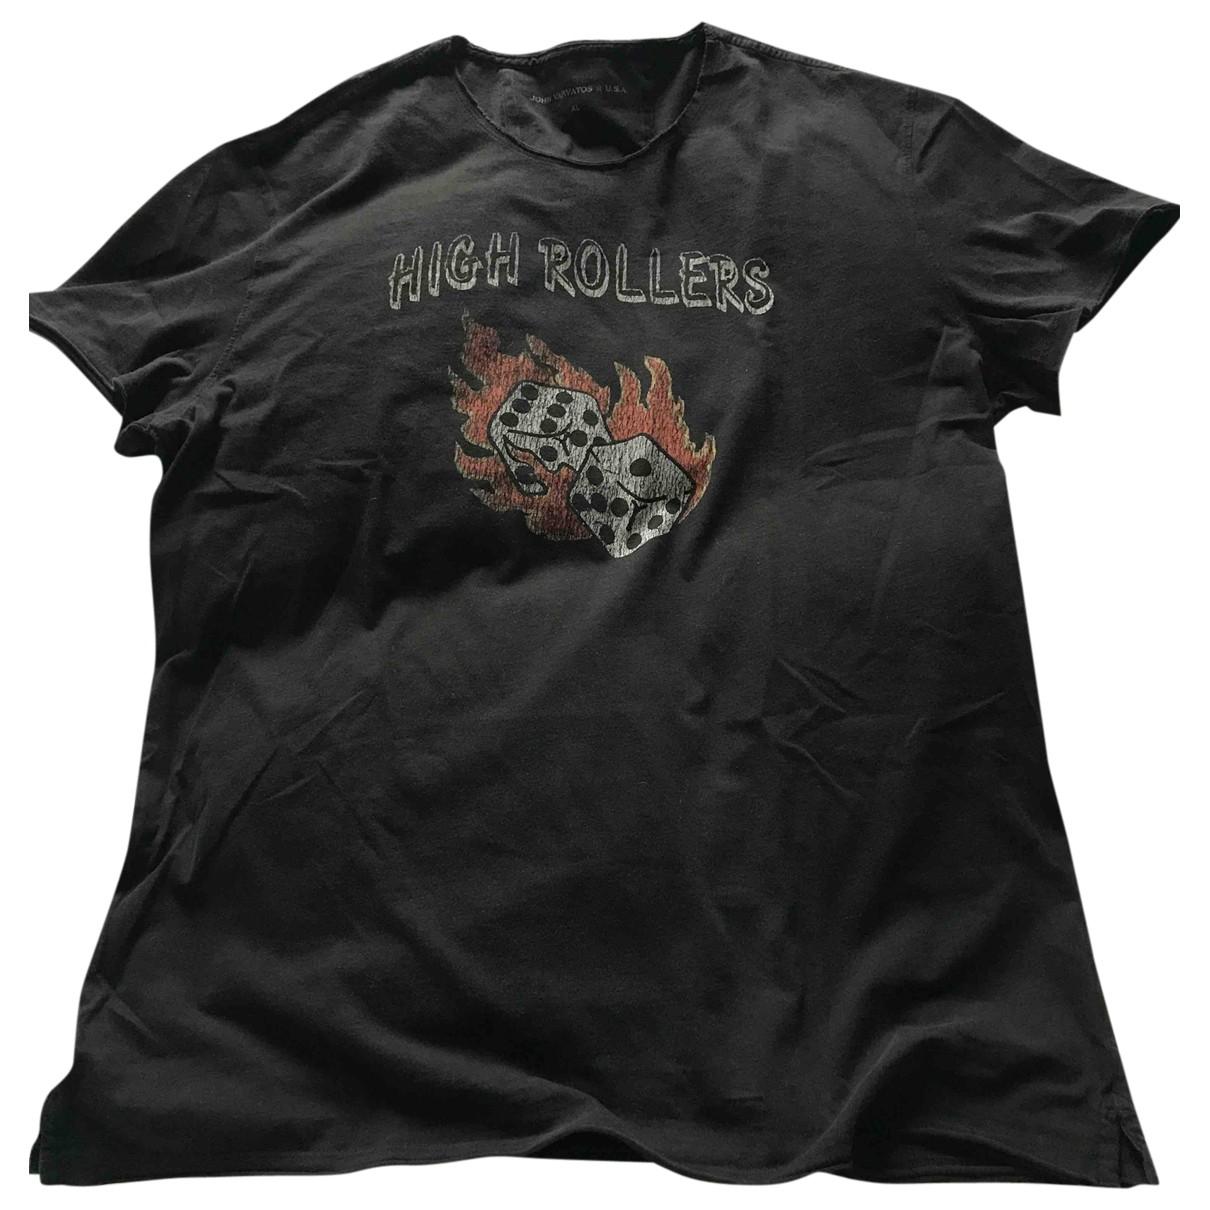 John Varvatos - Tee shirts   pour homme en coton - noir